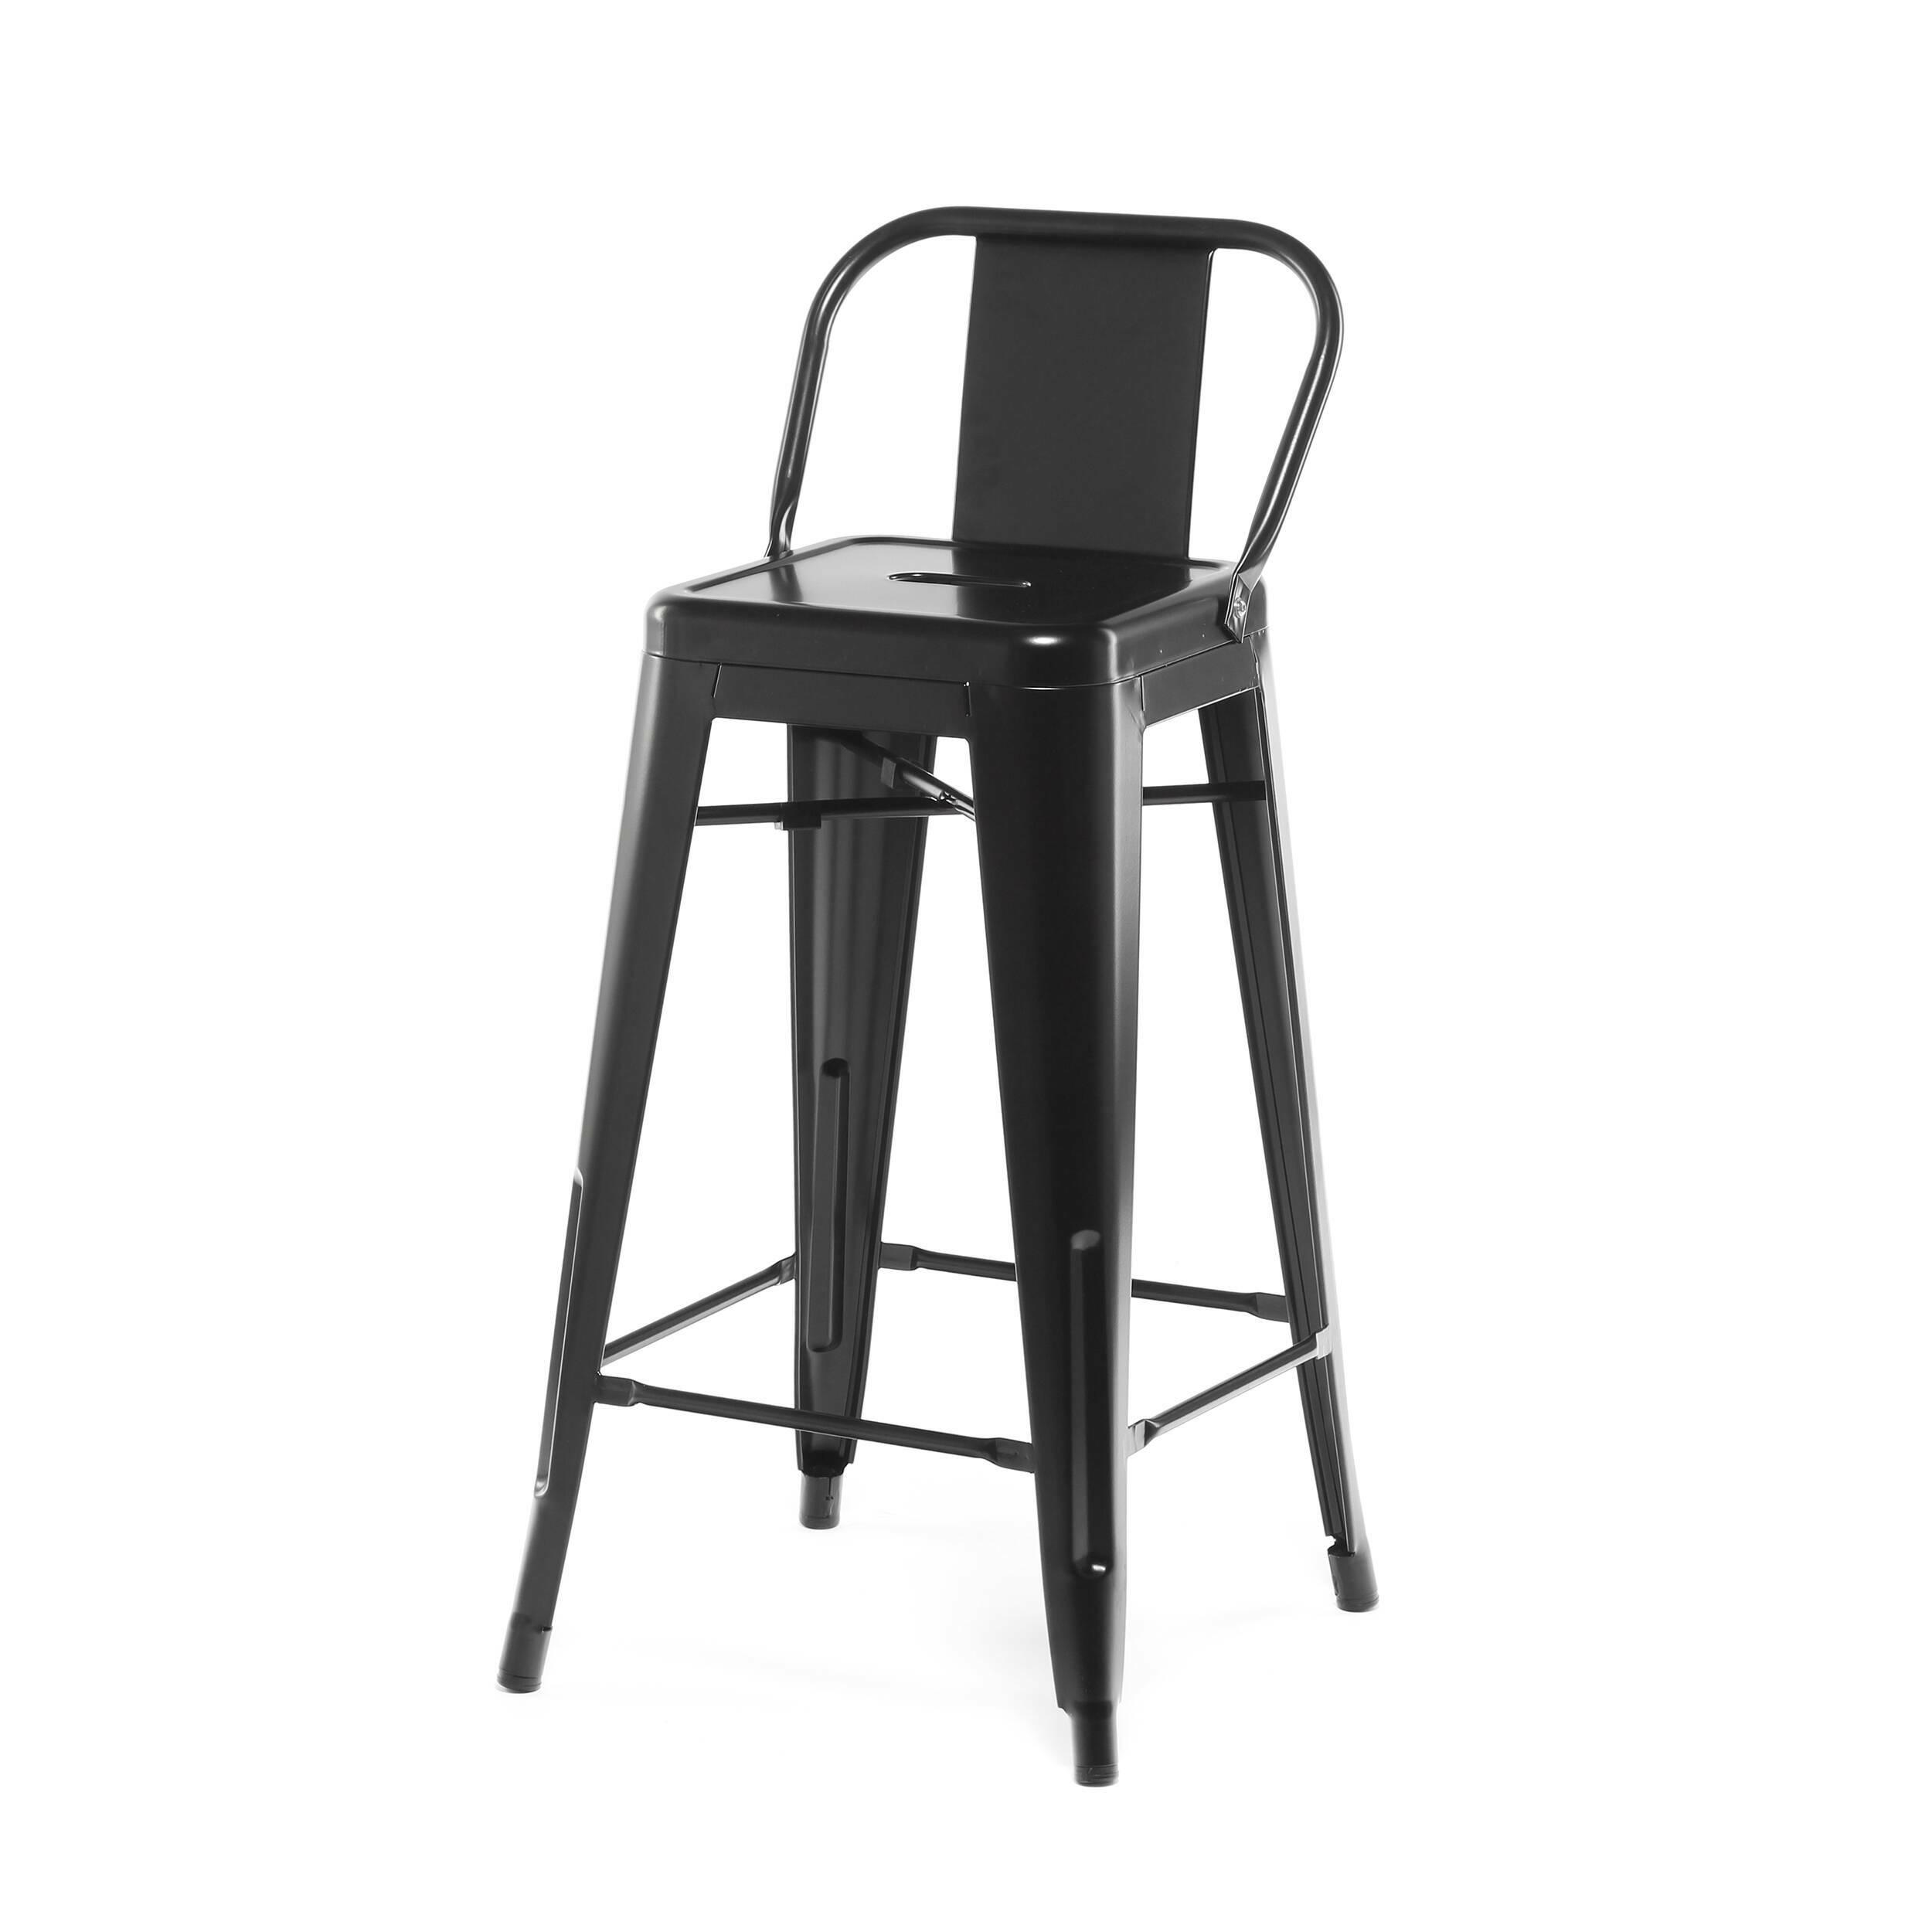 Барный стул Marais Color со спинкойБарные<br>Дизайнерский высокий стальной барный стул Marais Color (Мэрейс Калар) со спинкой от Cosmo (Космо). <br>Высокий барный стул Marais Color со спинкой — это изящное по своему дизайну изделие, которое заслужило популярность не только на родине дизайнера Ксавье Пошара, во Франции, но и по всему миру. Дизайн мебели коллекции Marais не раз был удостоен отличительных наград и демонстрировался на выставках международного масштаба, к примеру, в Нью-Йоркском музее современного искусства, а также в Музее-це...<br><br>stock: 0<br>Высота: 89<br>Высота сиденья: 66<br>Ширина: 41<br>Глубина: 41<br>Тип материала каркаса: Сталь<br>Цвет каркаса: Черный